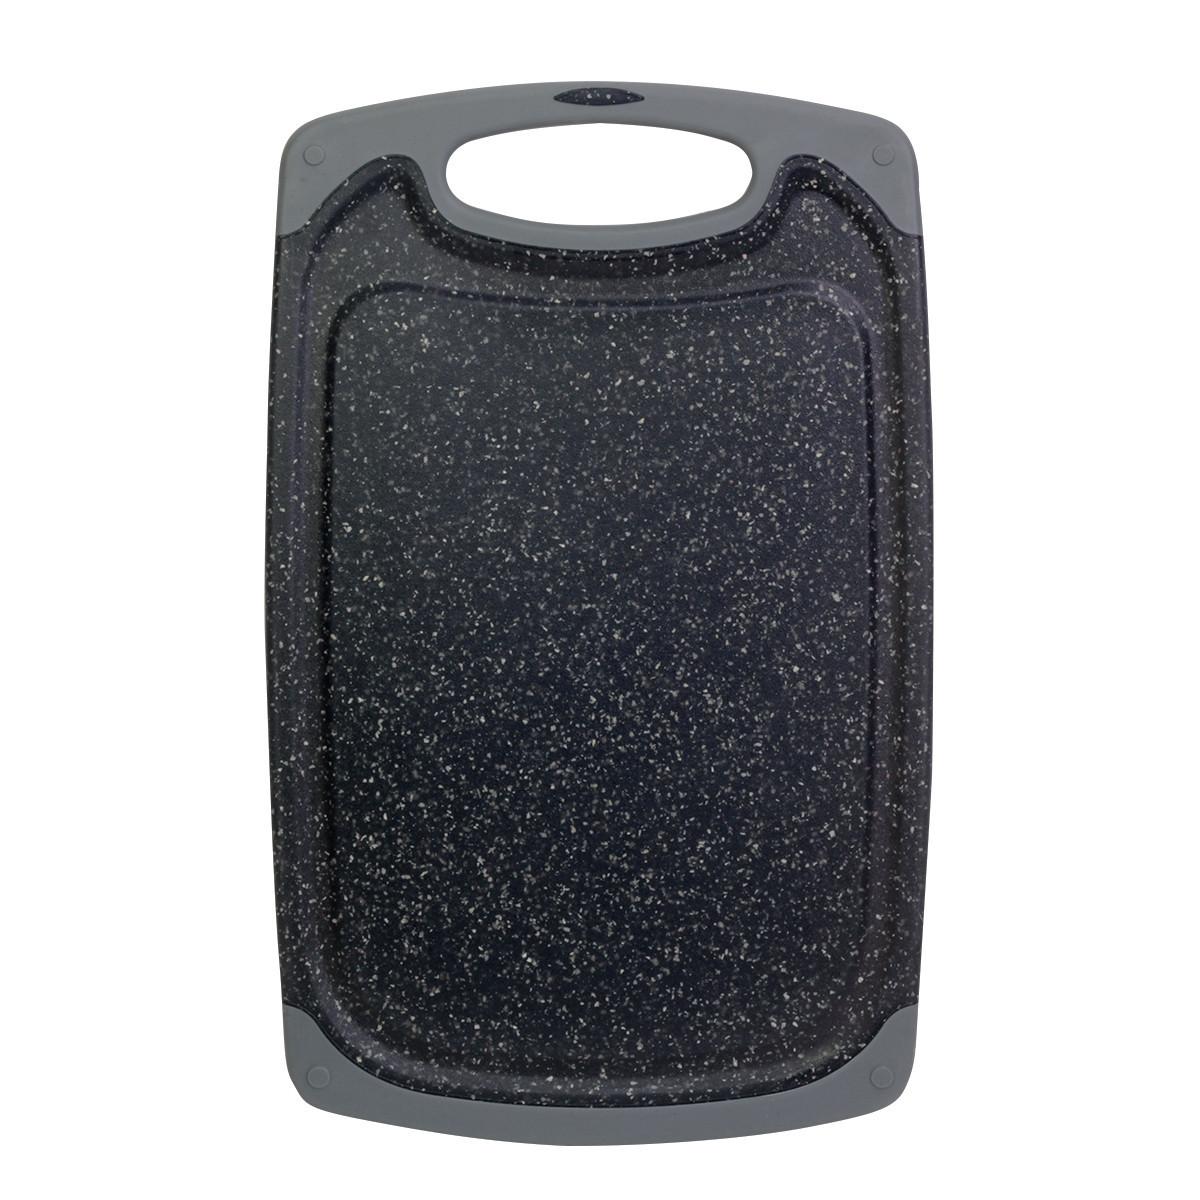 Доска разделочная 31,5*20*0.8см пластиковая (серый мрамор)